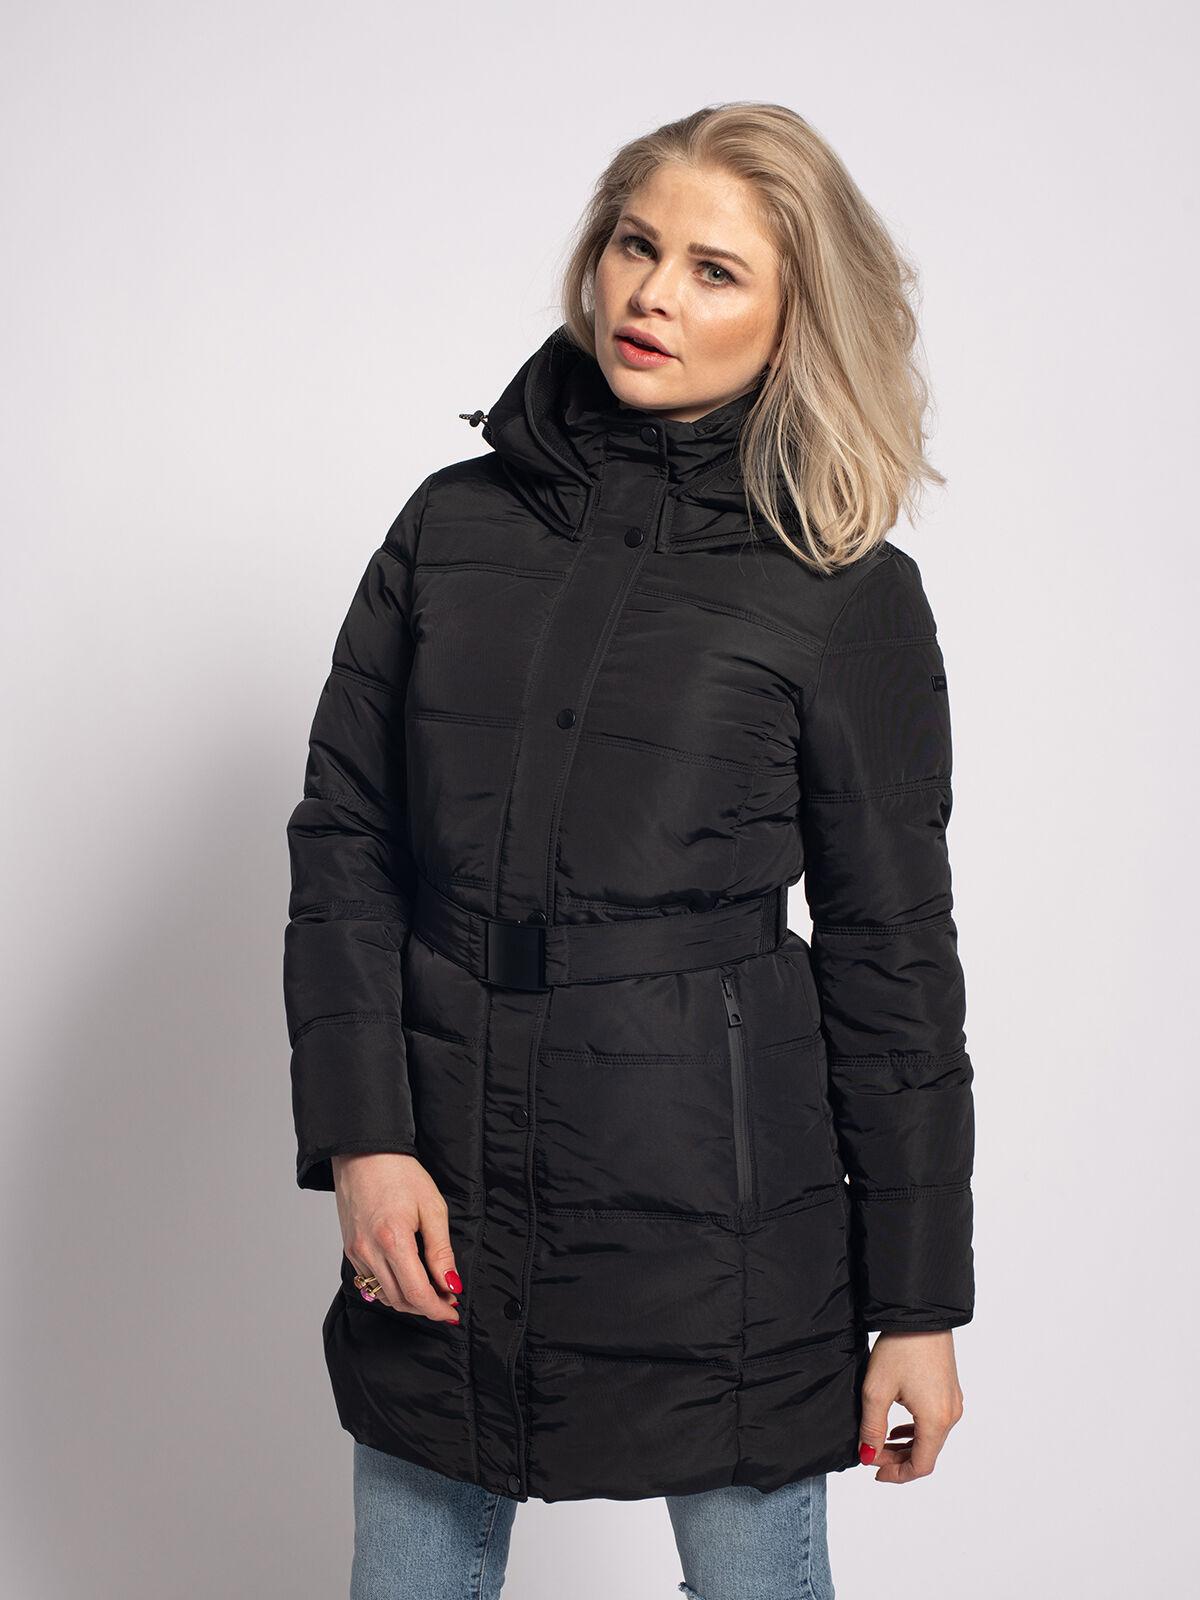 Mantel Damen | Modische Begleiter für jeden Anlass